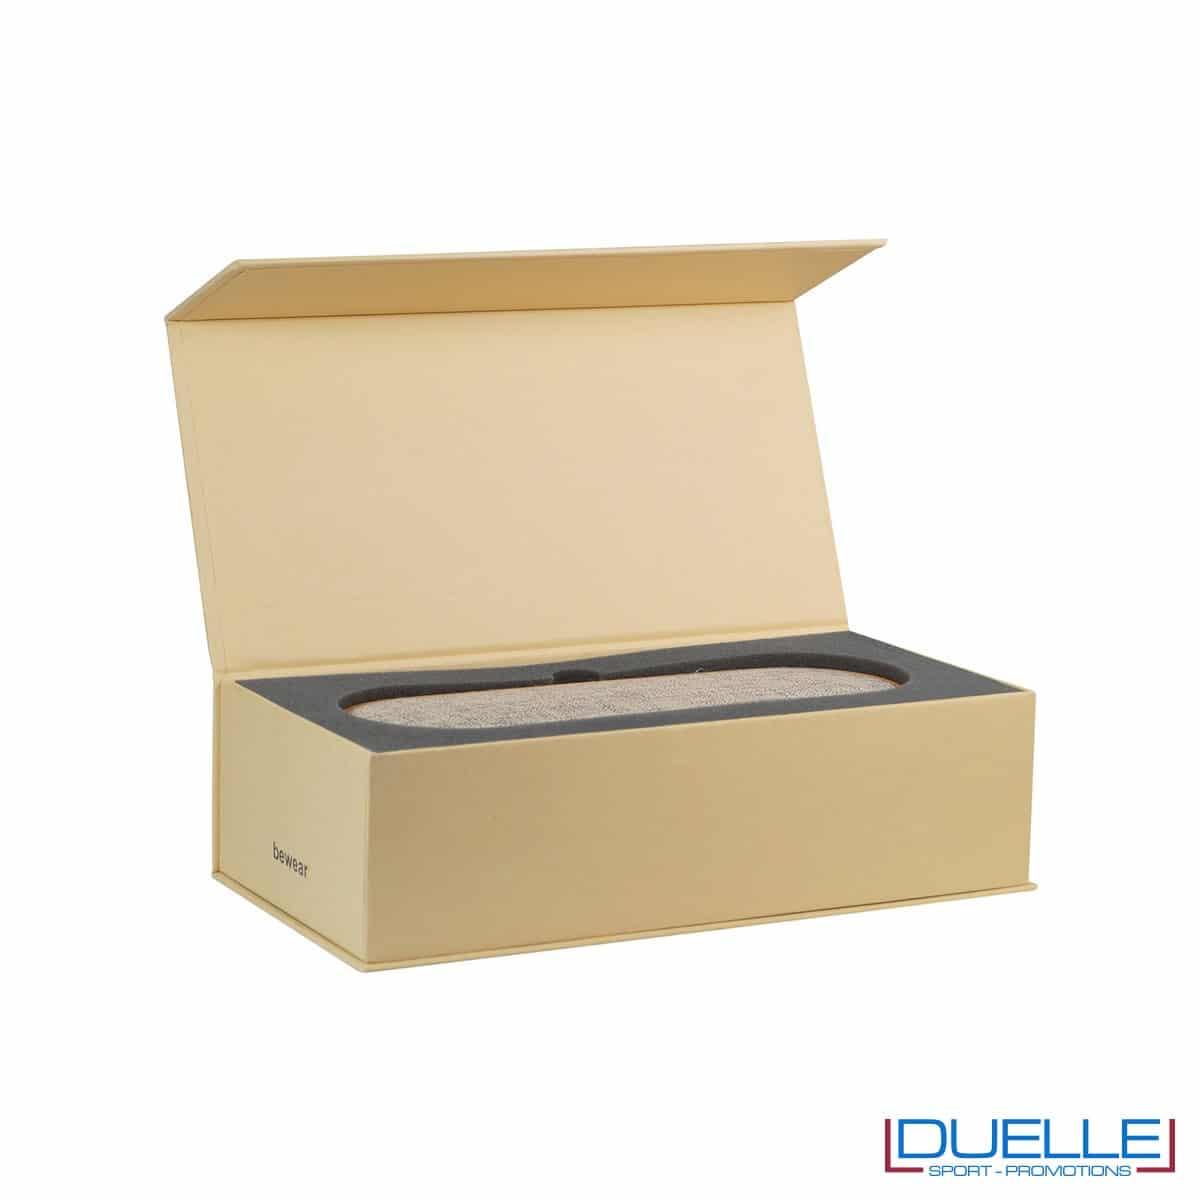 Confezione in cartoncino riciclato per cassa bluetooth portatile